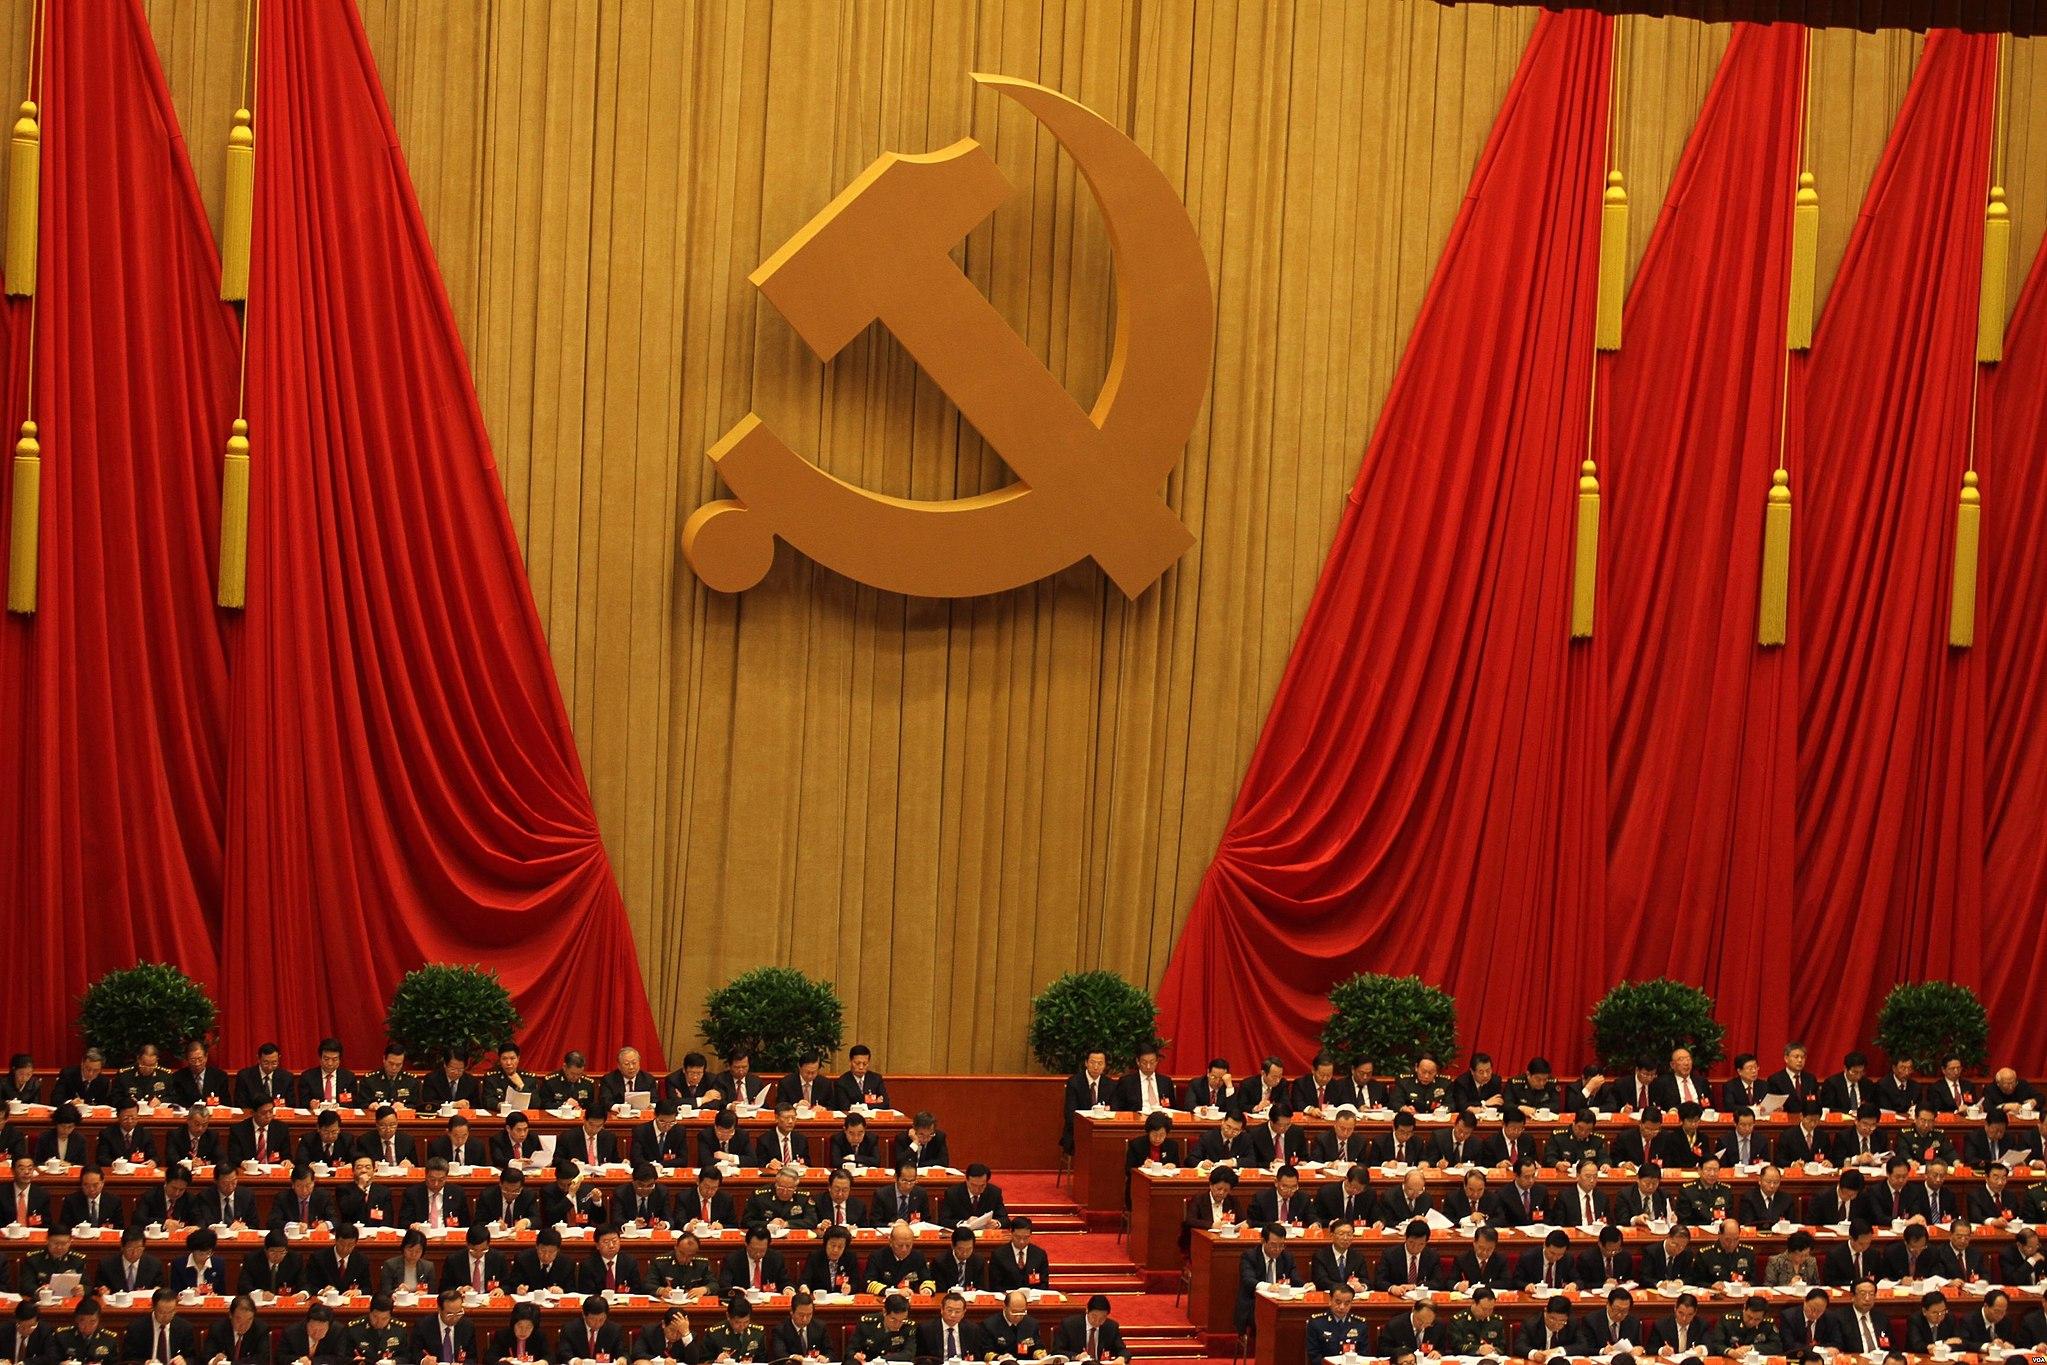 2048px 18th National Congress of the Communist Party of China - Communisme et anticommunisme au seuil de la dernière décennie de ce millénaire